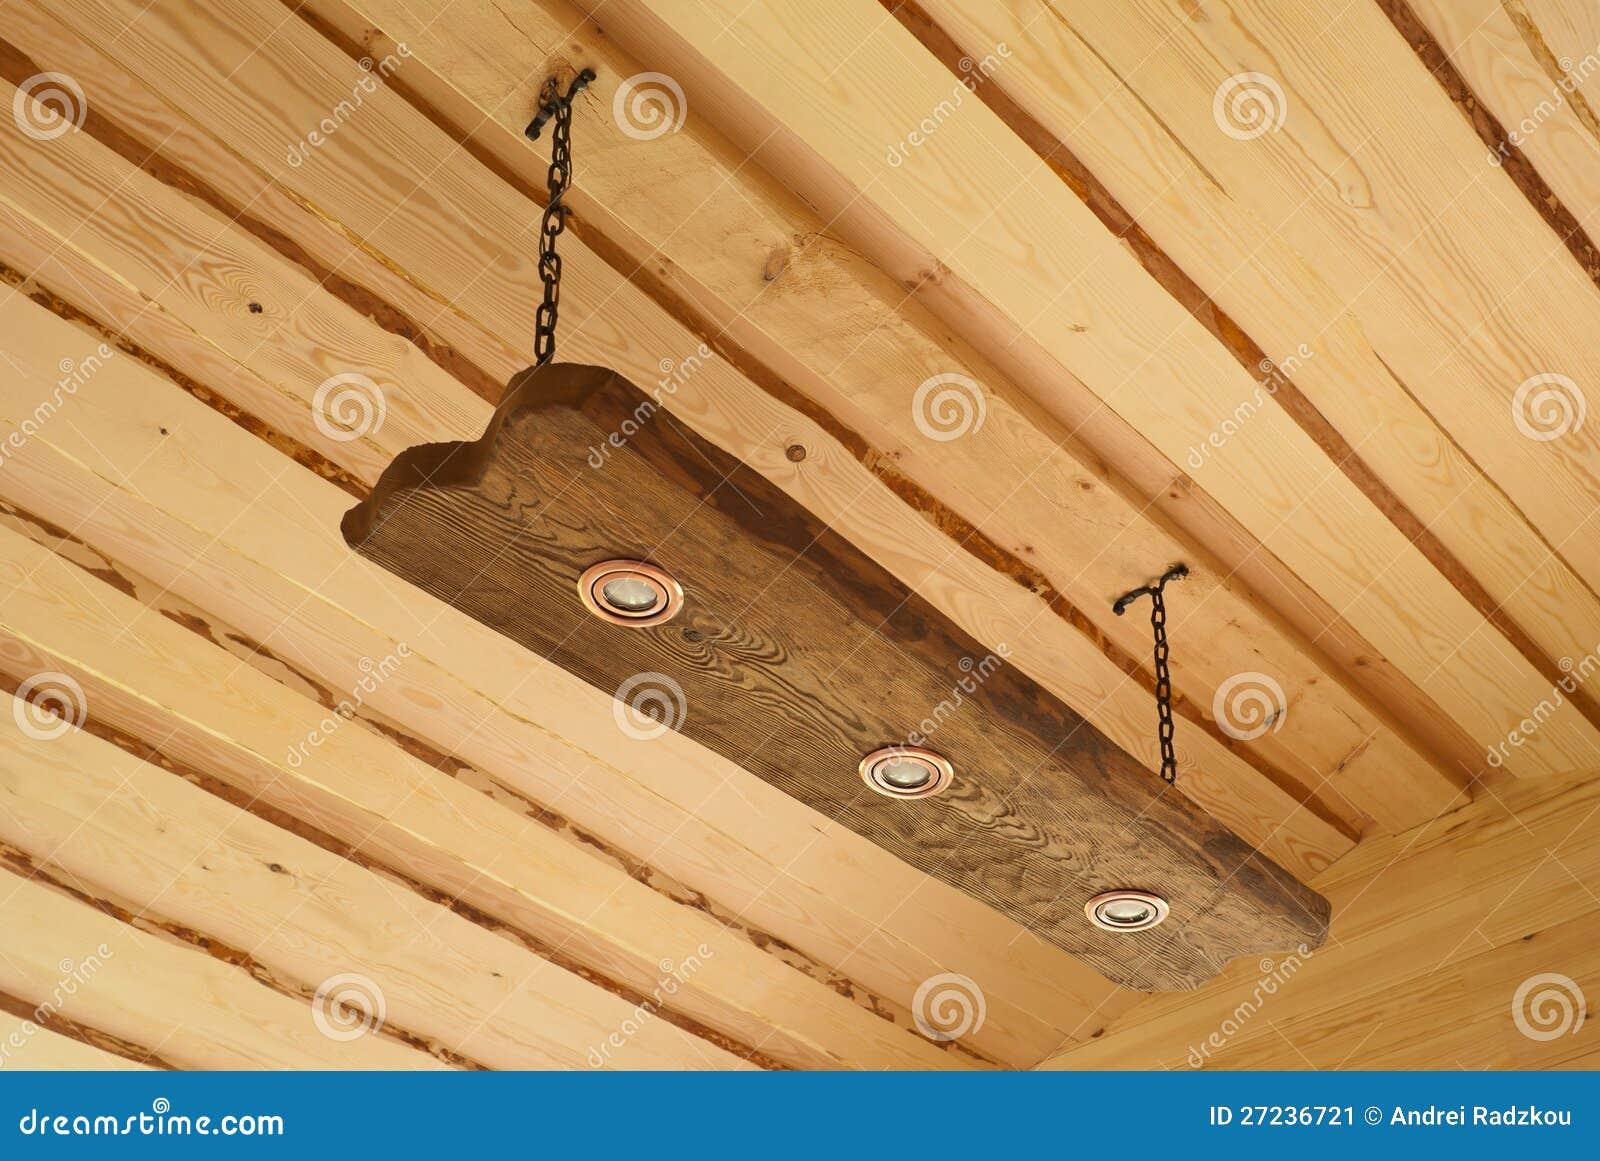 Как сделать потолок из дерево